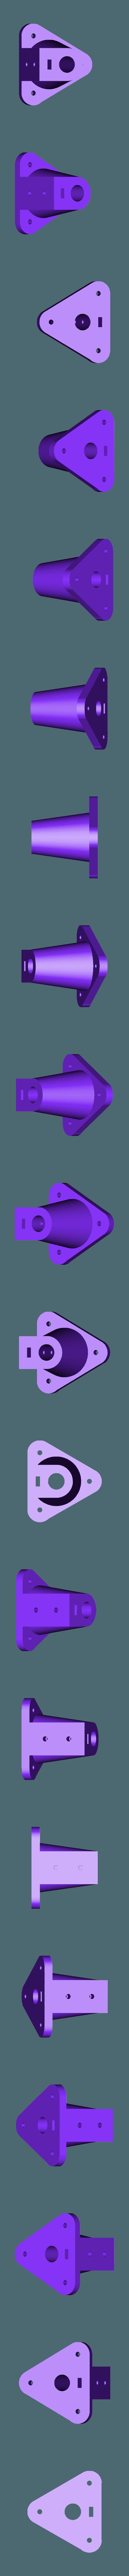 Retort_Stands_Base_Mk2.stl Télécharger fichier STL gratuit Kit de supports, de pinces et d'équipement • Modèle pour impression 3D, TinkersProjects